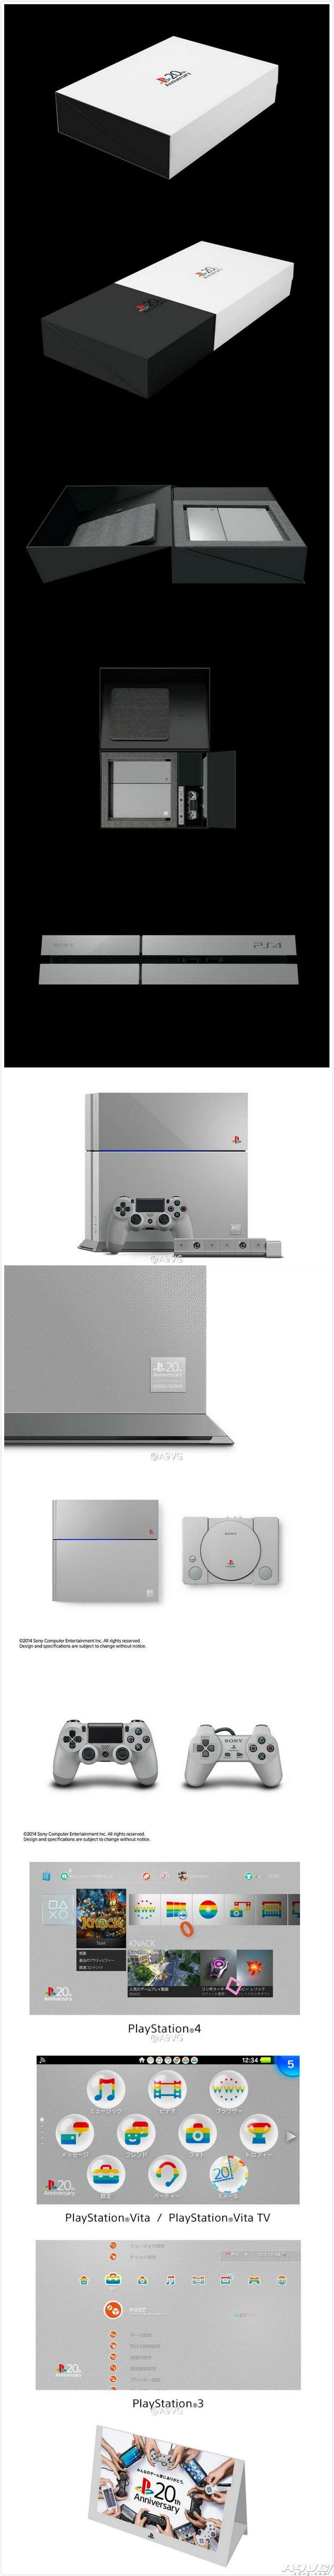 新特别纪念款PS4正式公开 专为PlayStation创立20周年而生!免费PS20特制纪念主题公开